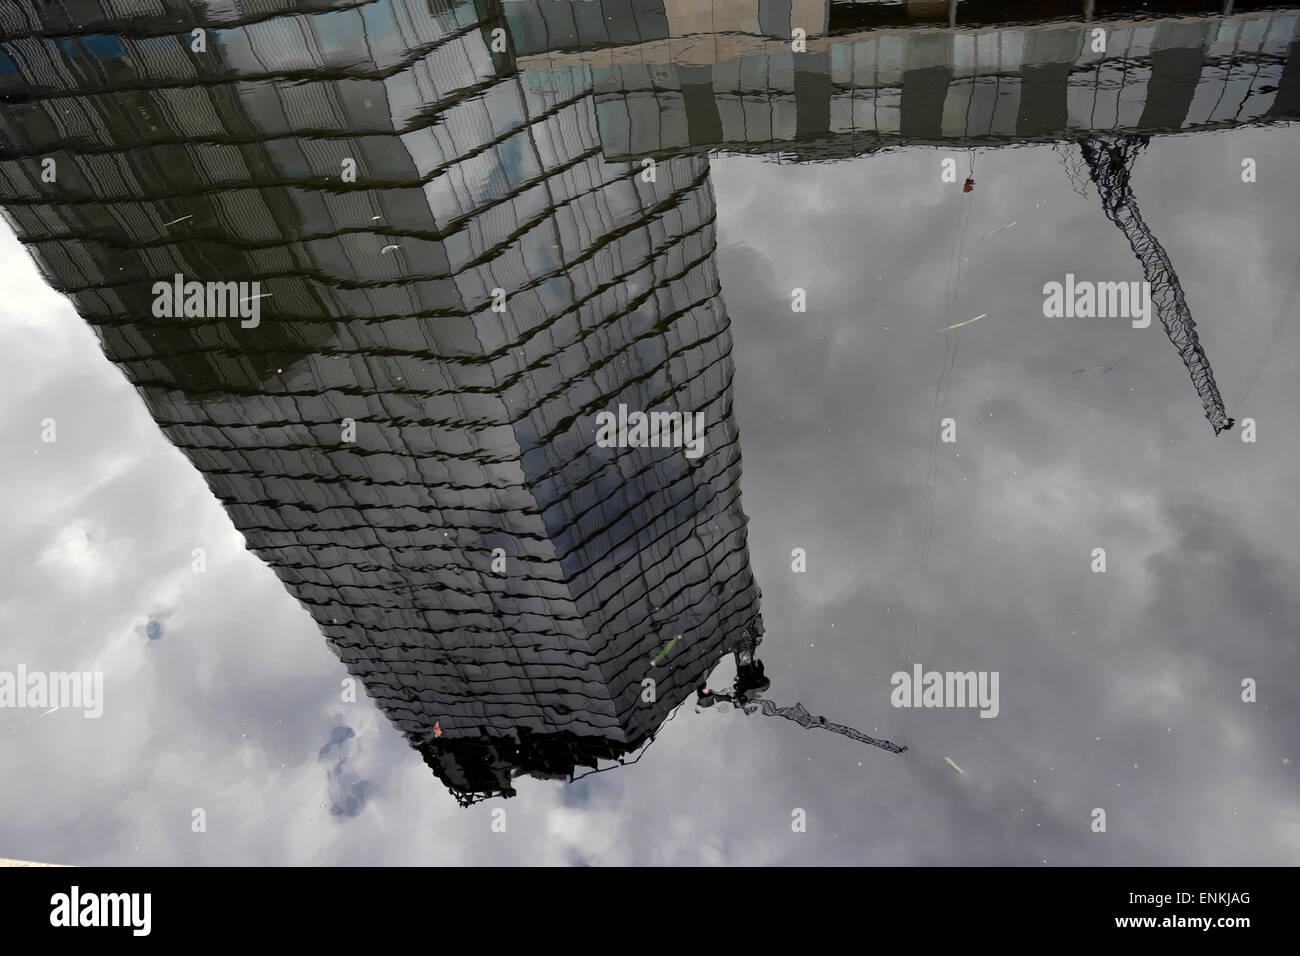 Une réflexion de l'Appartements de luxe en constructiion Canaletto dans les eaux de la ville, du bassin Photo Stock